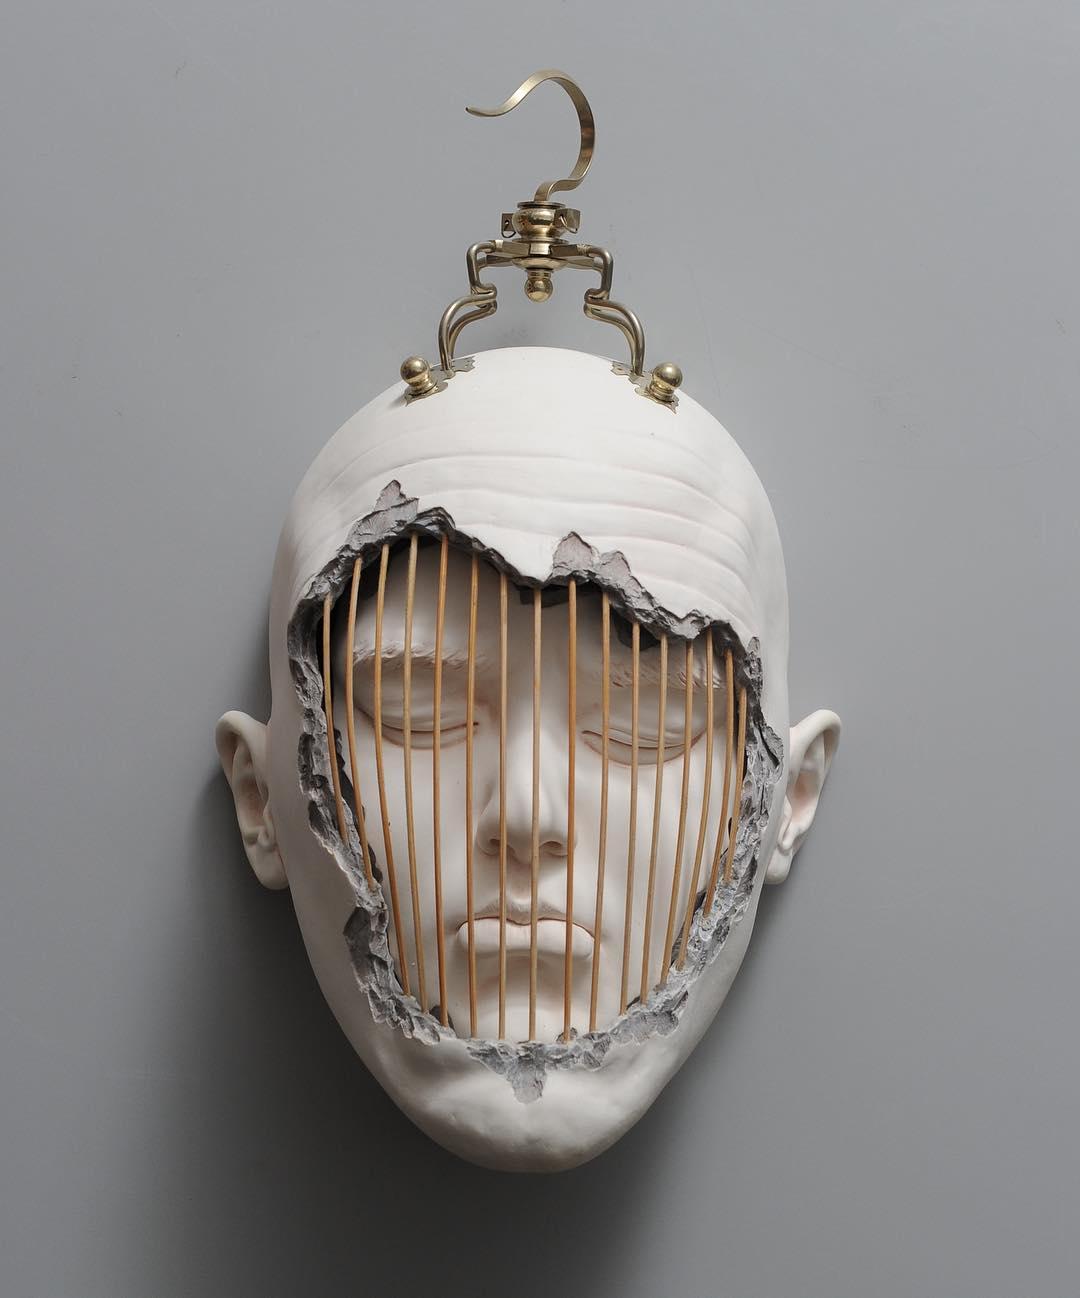 کاوش فضای میان آگاهی و ناخودآگاهی در آثار Johnson Tsang